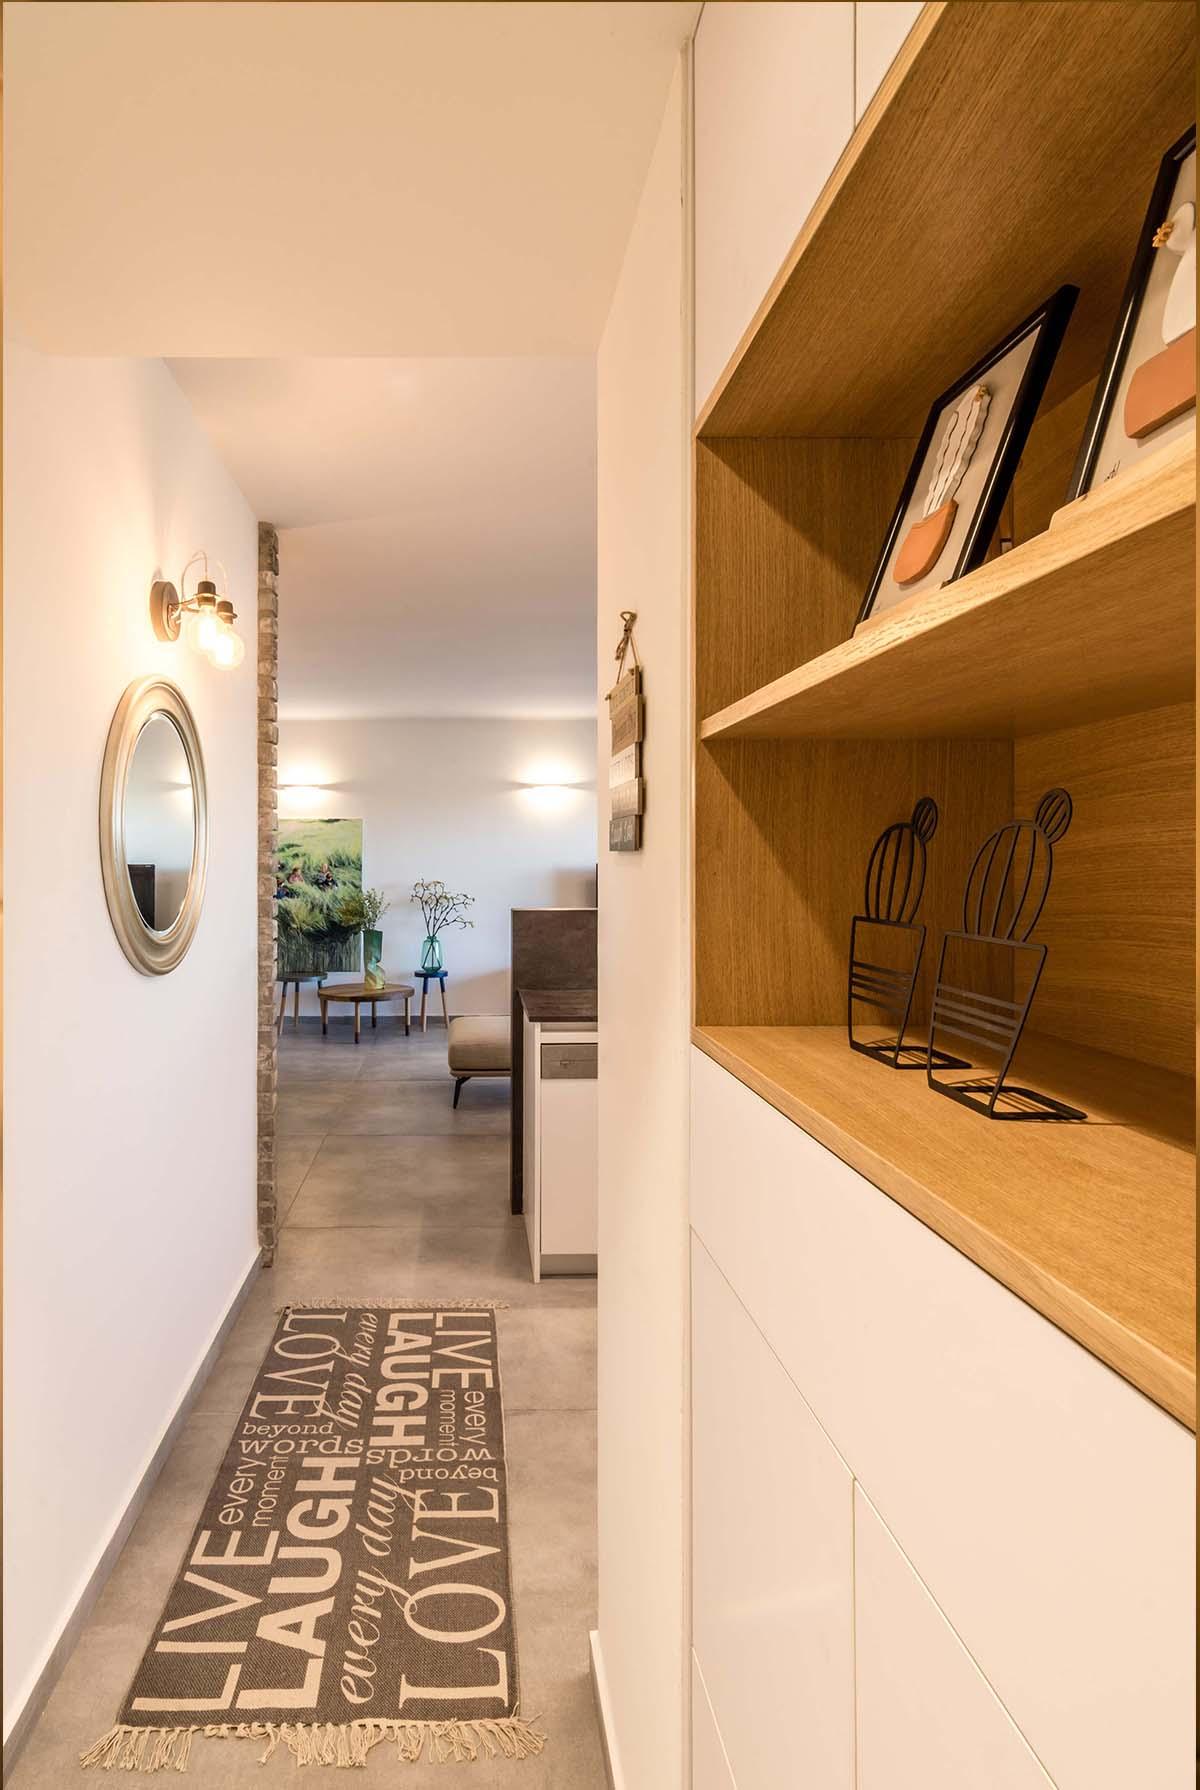 נגרות עץ ושטיח במסדרון דירה בכפר סבא הירוקה - שירית דרמן מעצבת פנים